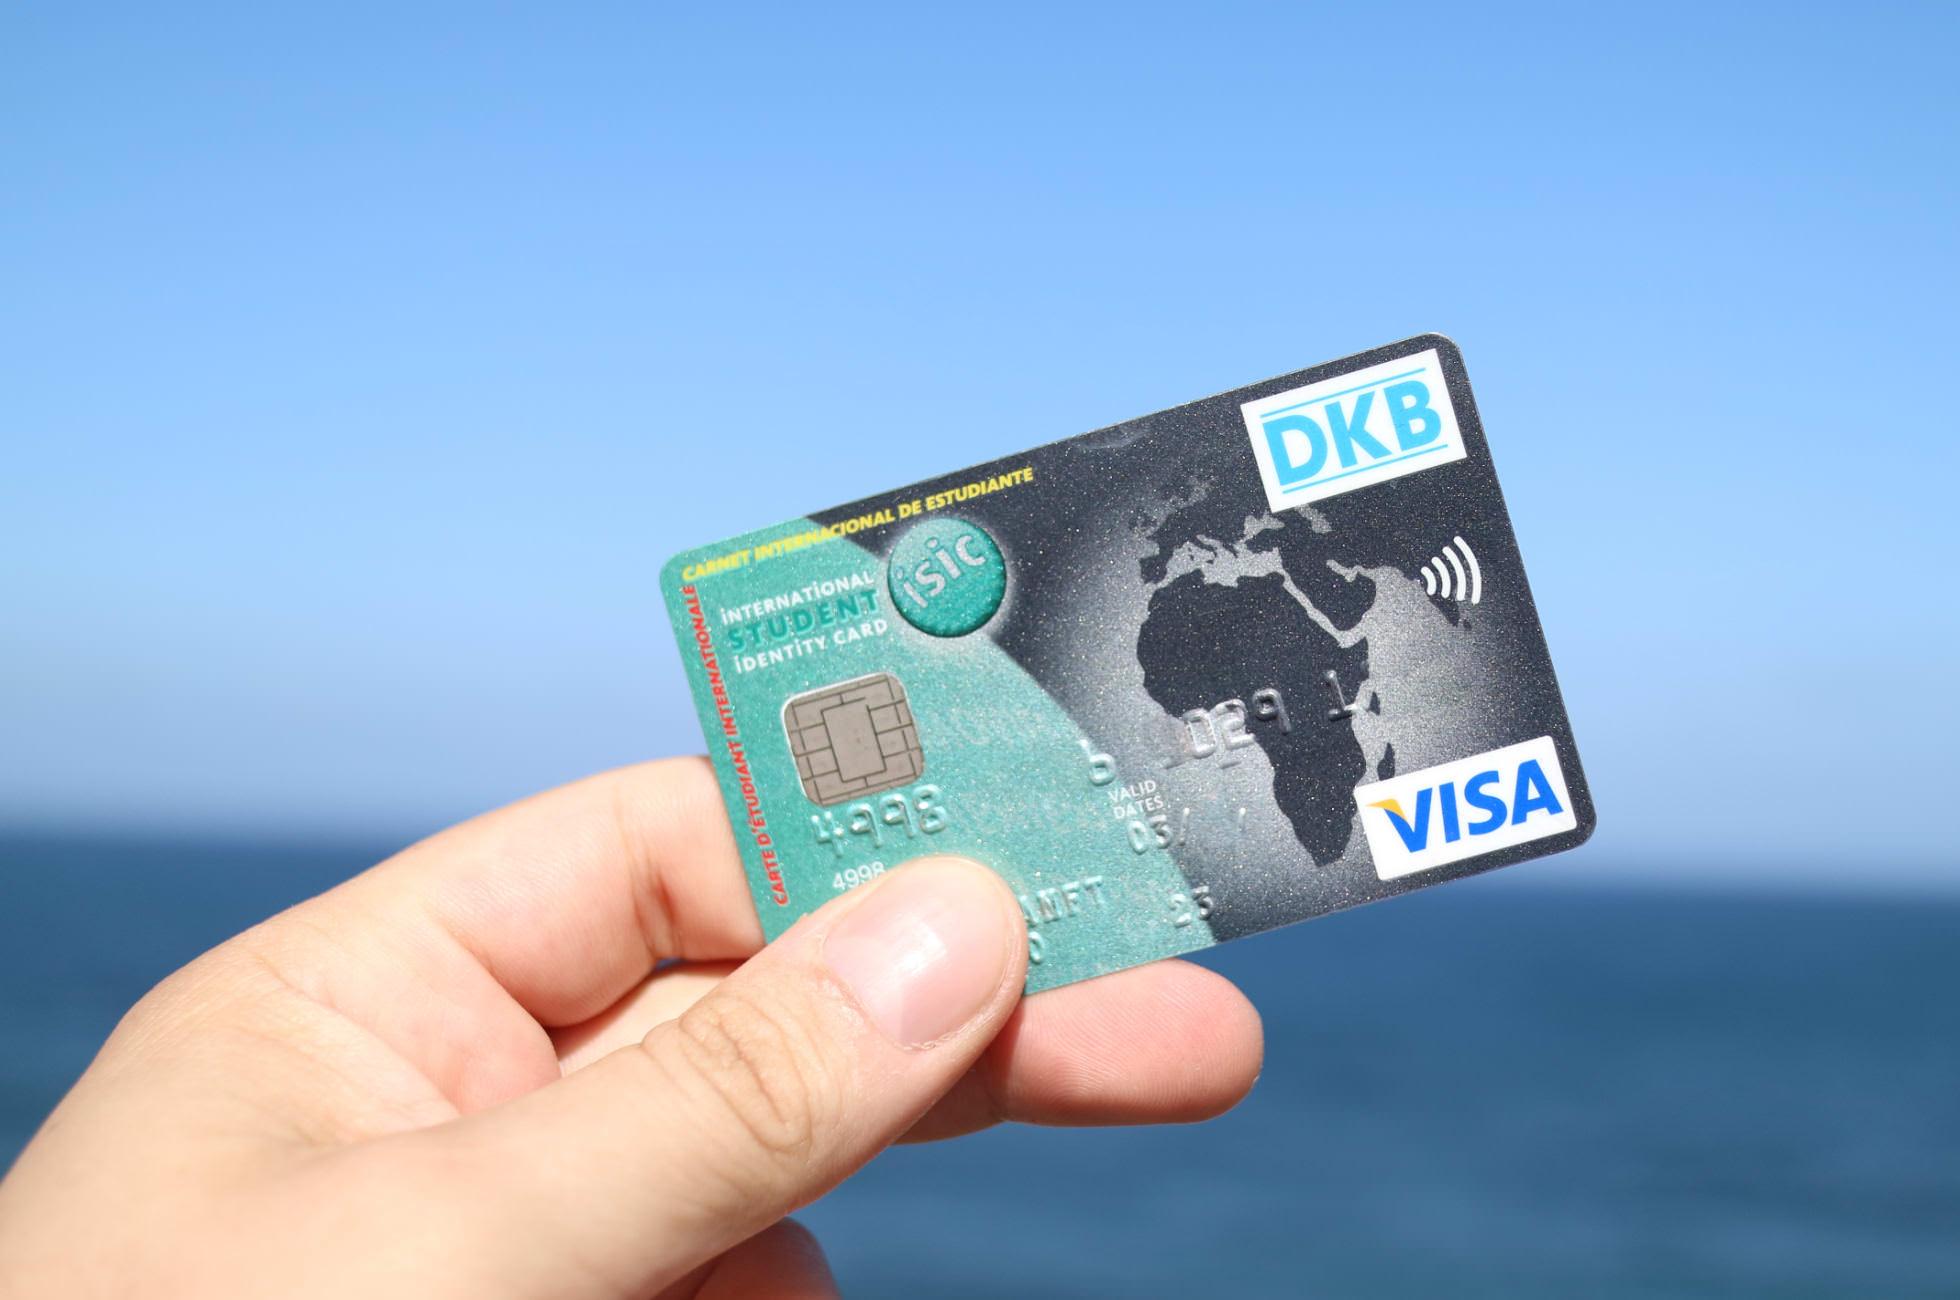 DKB-Studentenkreditkarte Reisen